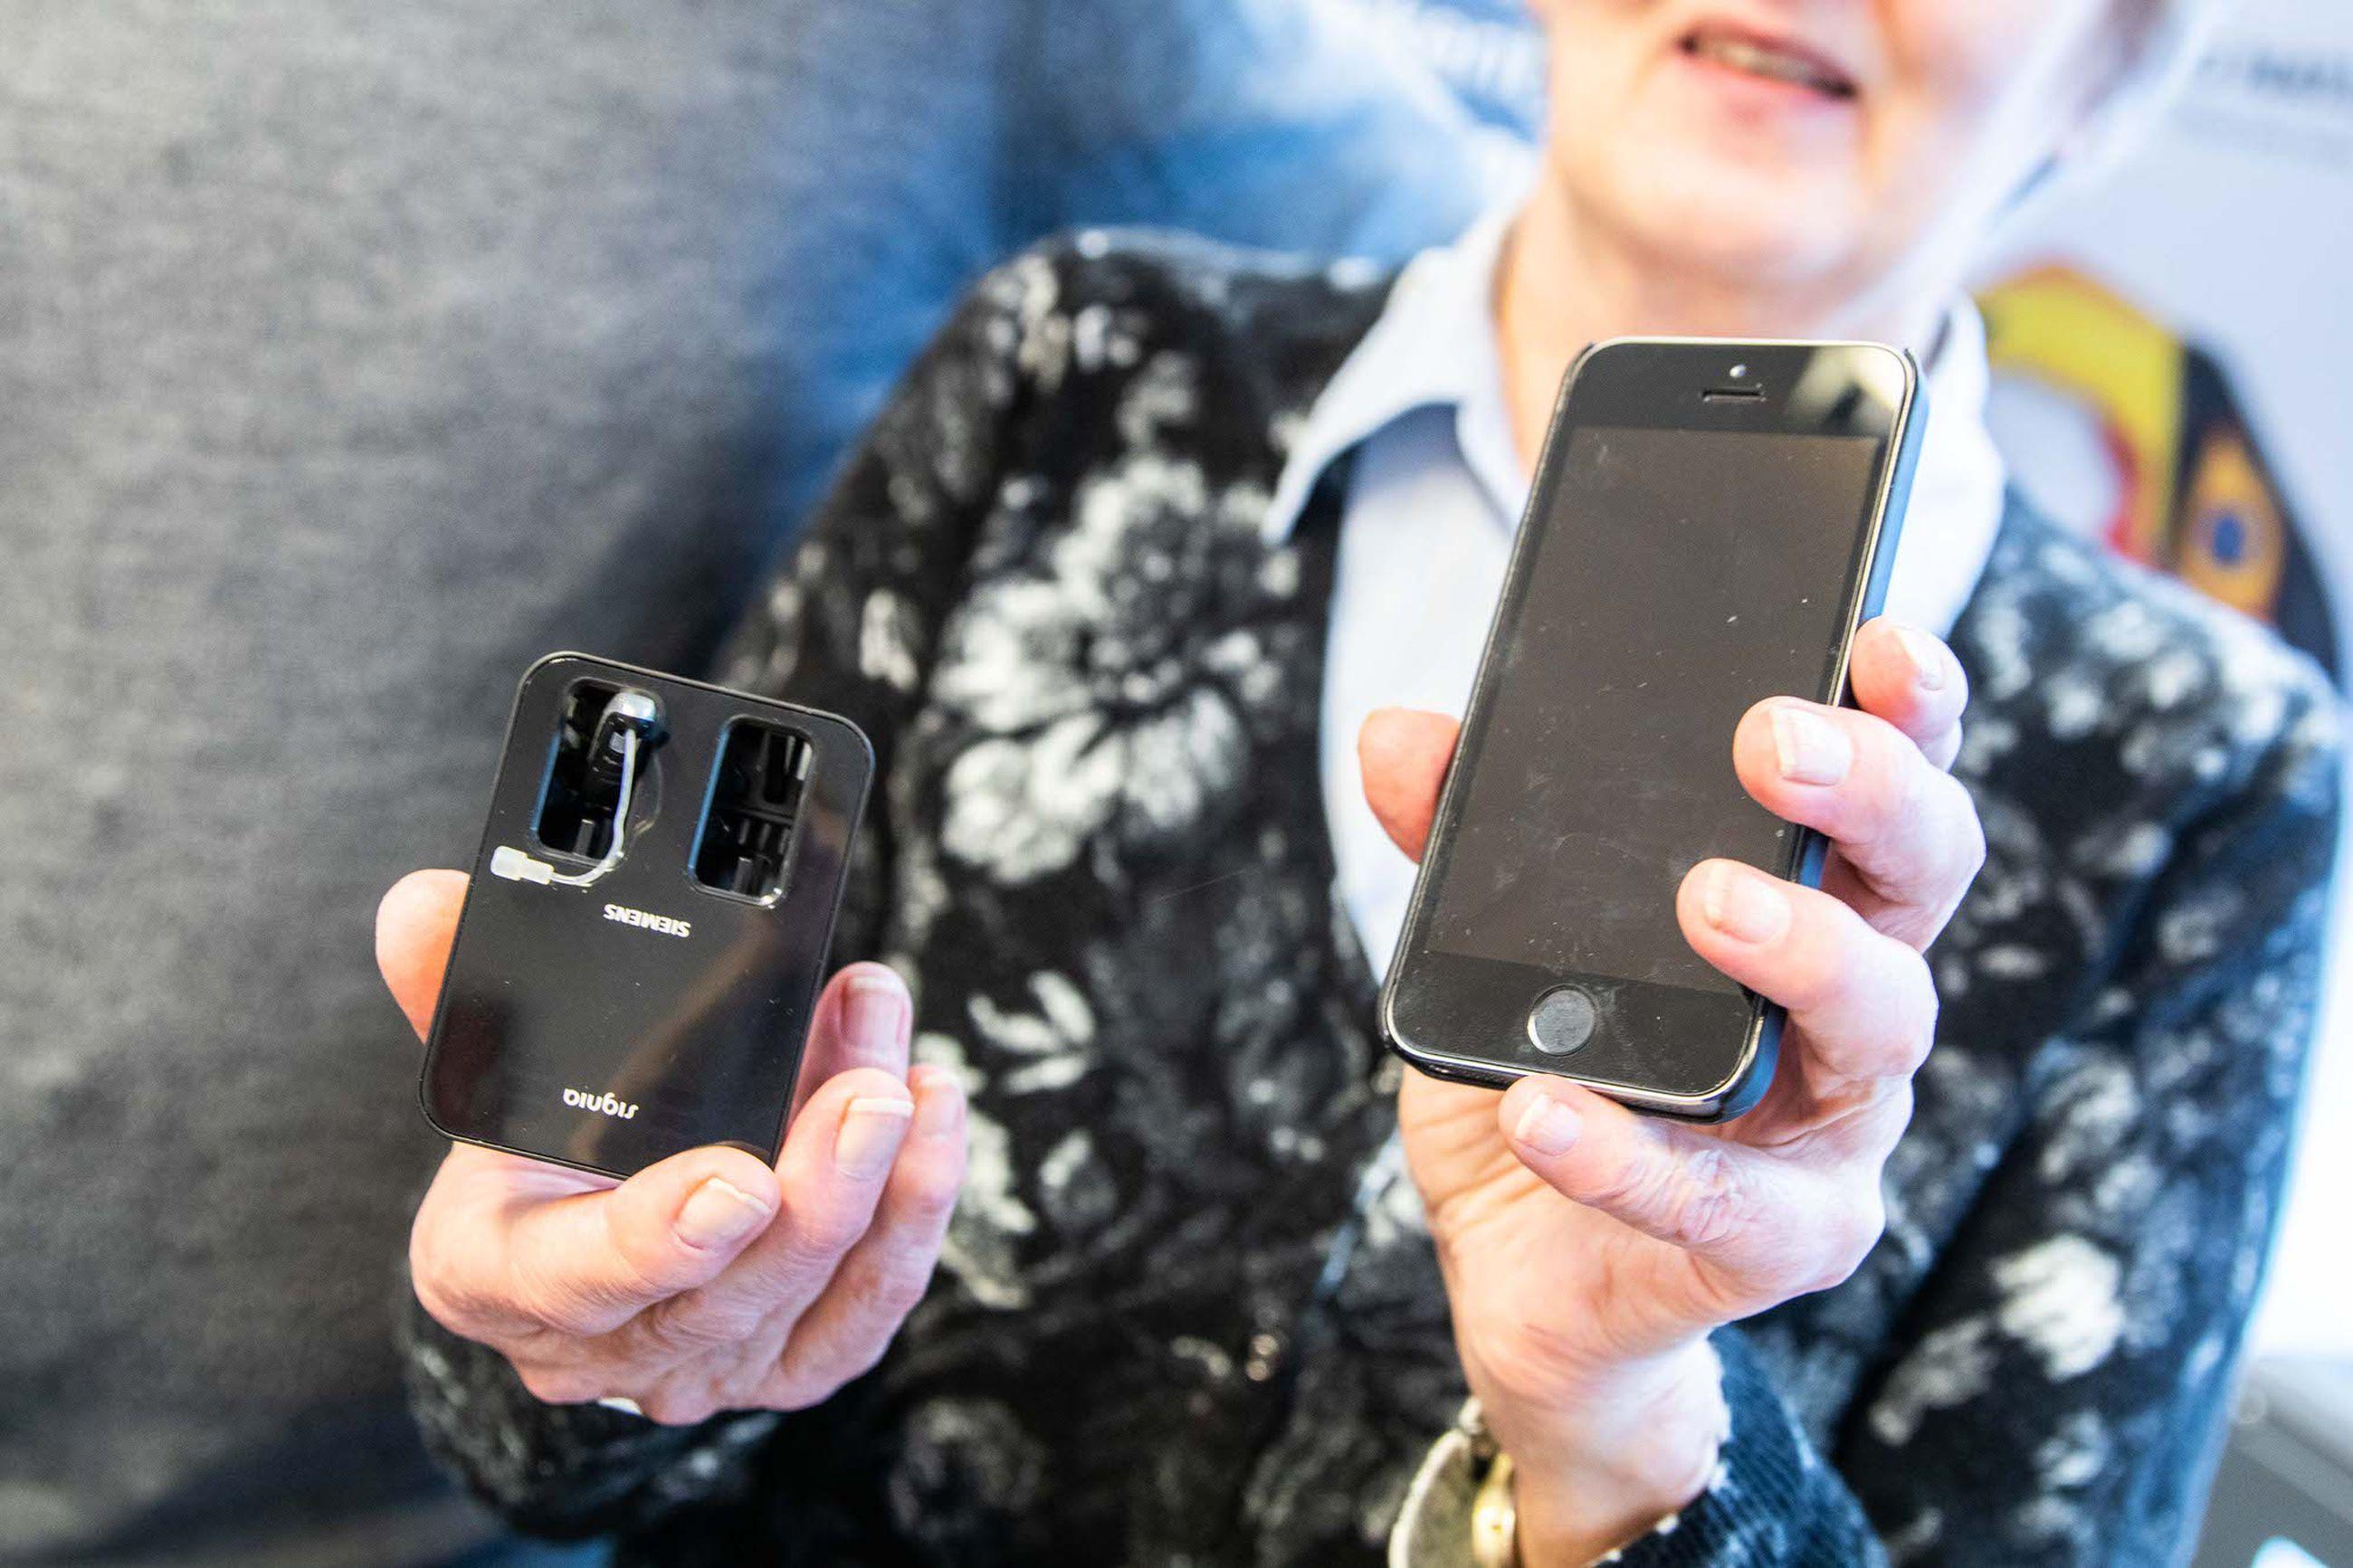 Anja Myllymäen kuulokoje on ladattava, joka on helppo ja kätevä. Kuulokoje ladataan joka yö latauslaitteessa, joten paristojen vaihtamisesta ja ostamisesta ei tarvitse huolehtia.